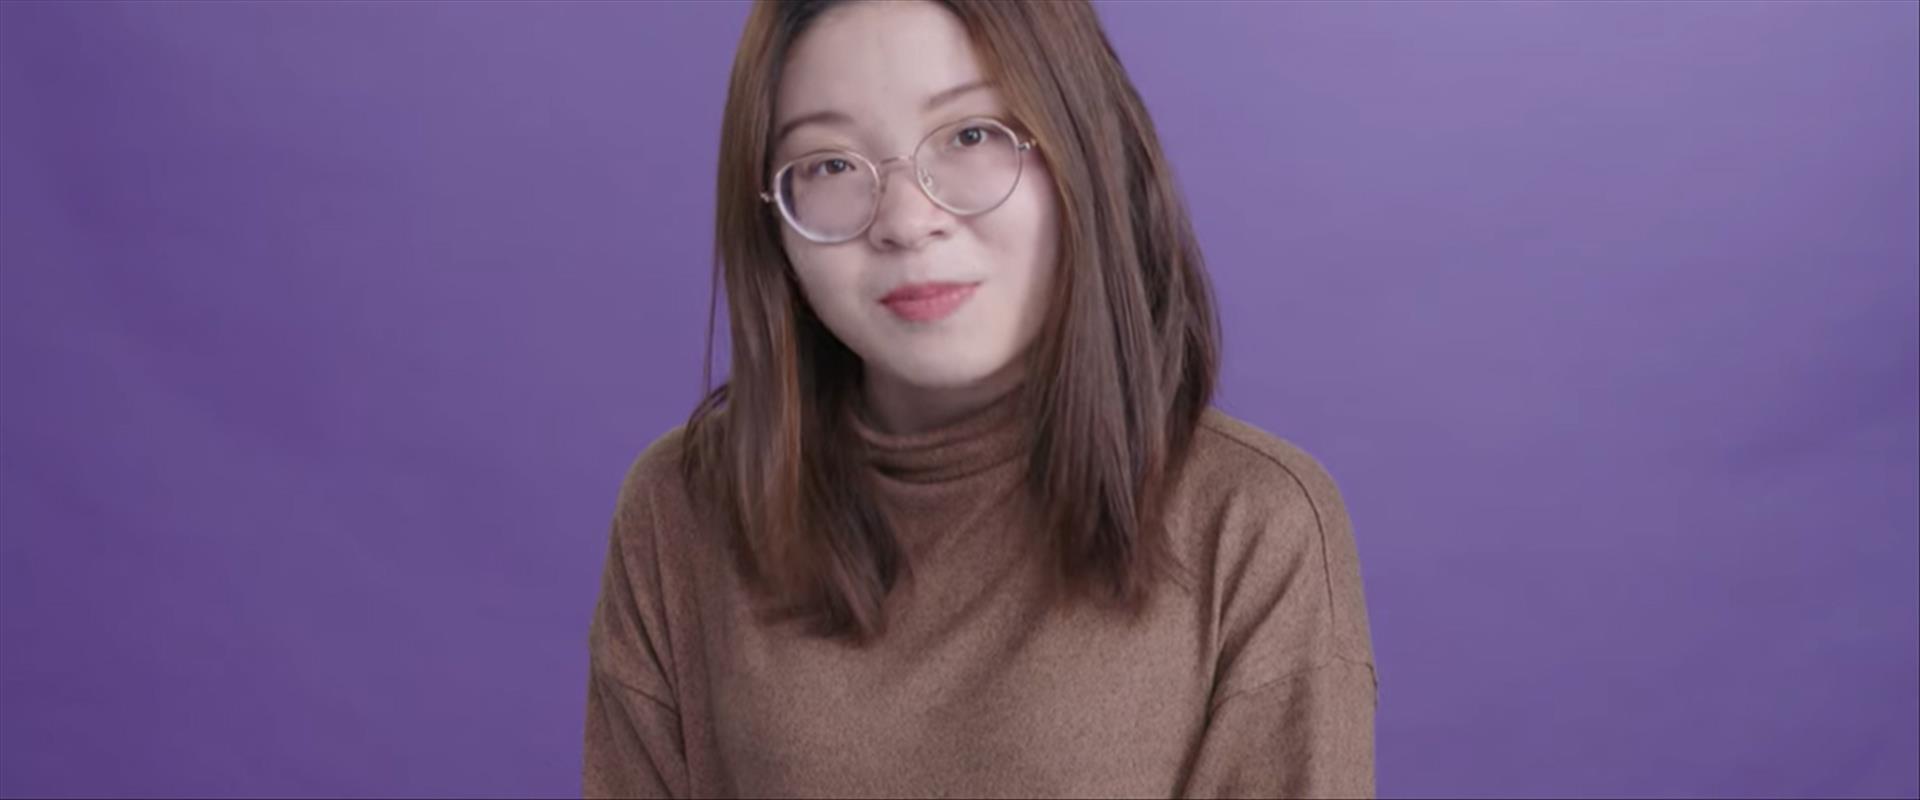 שי יו (שירה) הונג